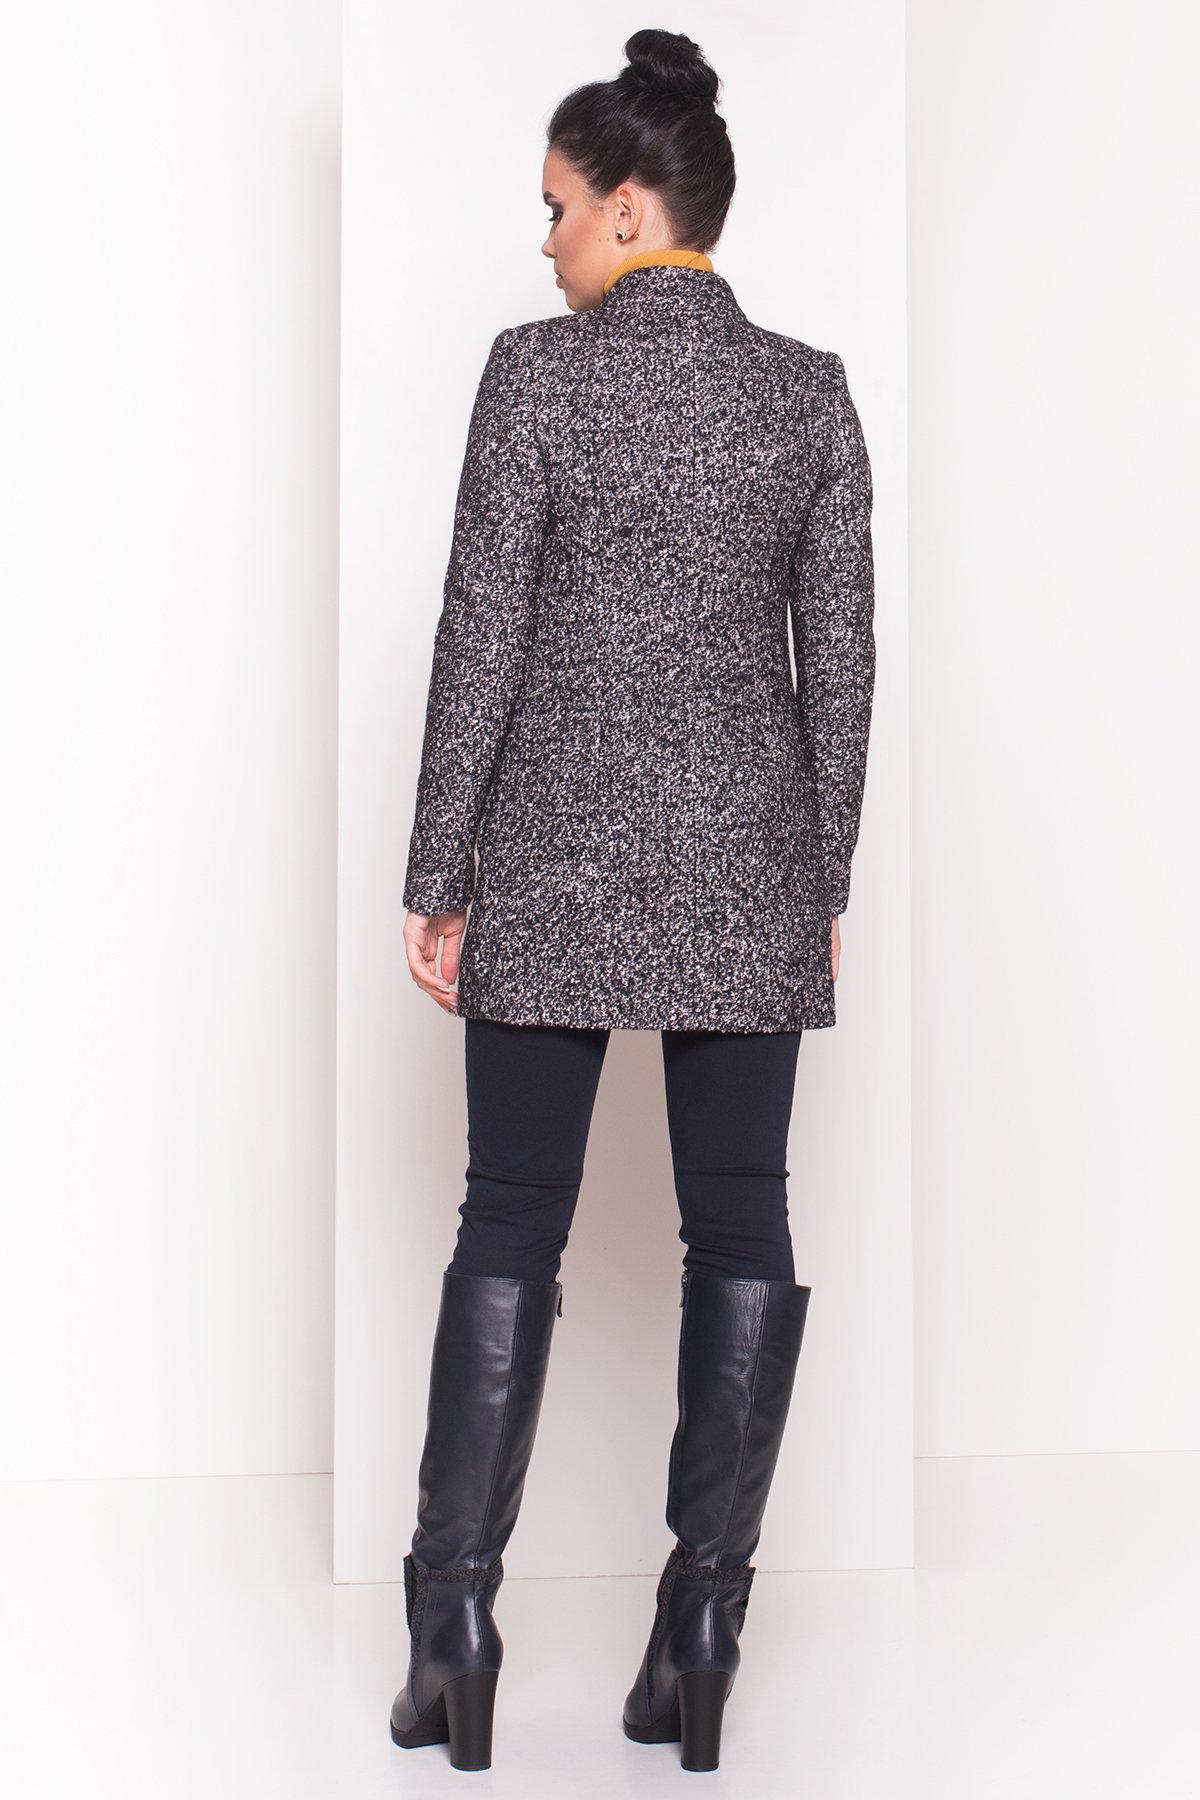 Пальто Мелини 0442 АРТ. 6776 Цвет: Черный / серый 6 - фото 2, интернет магазин tm-modus.ru